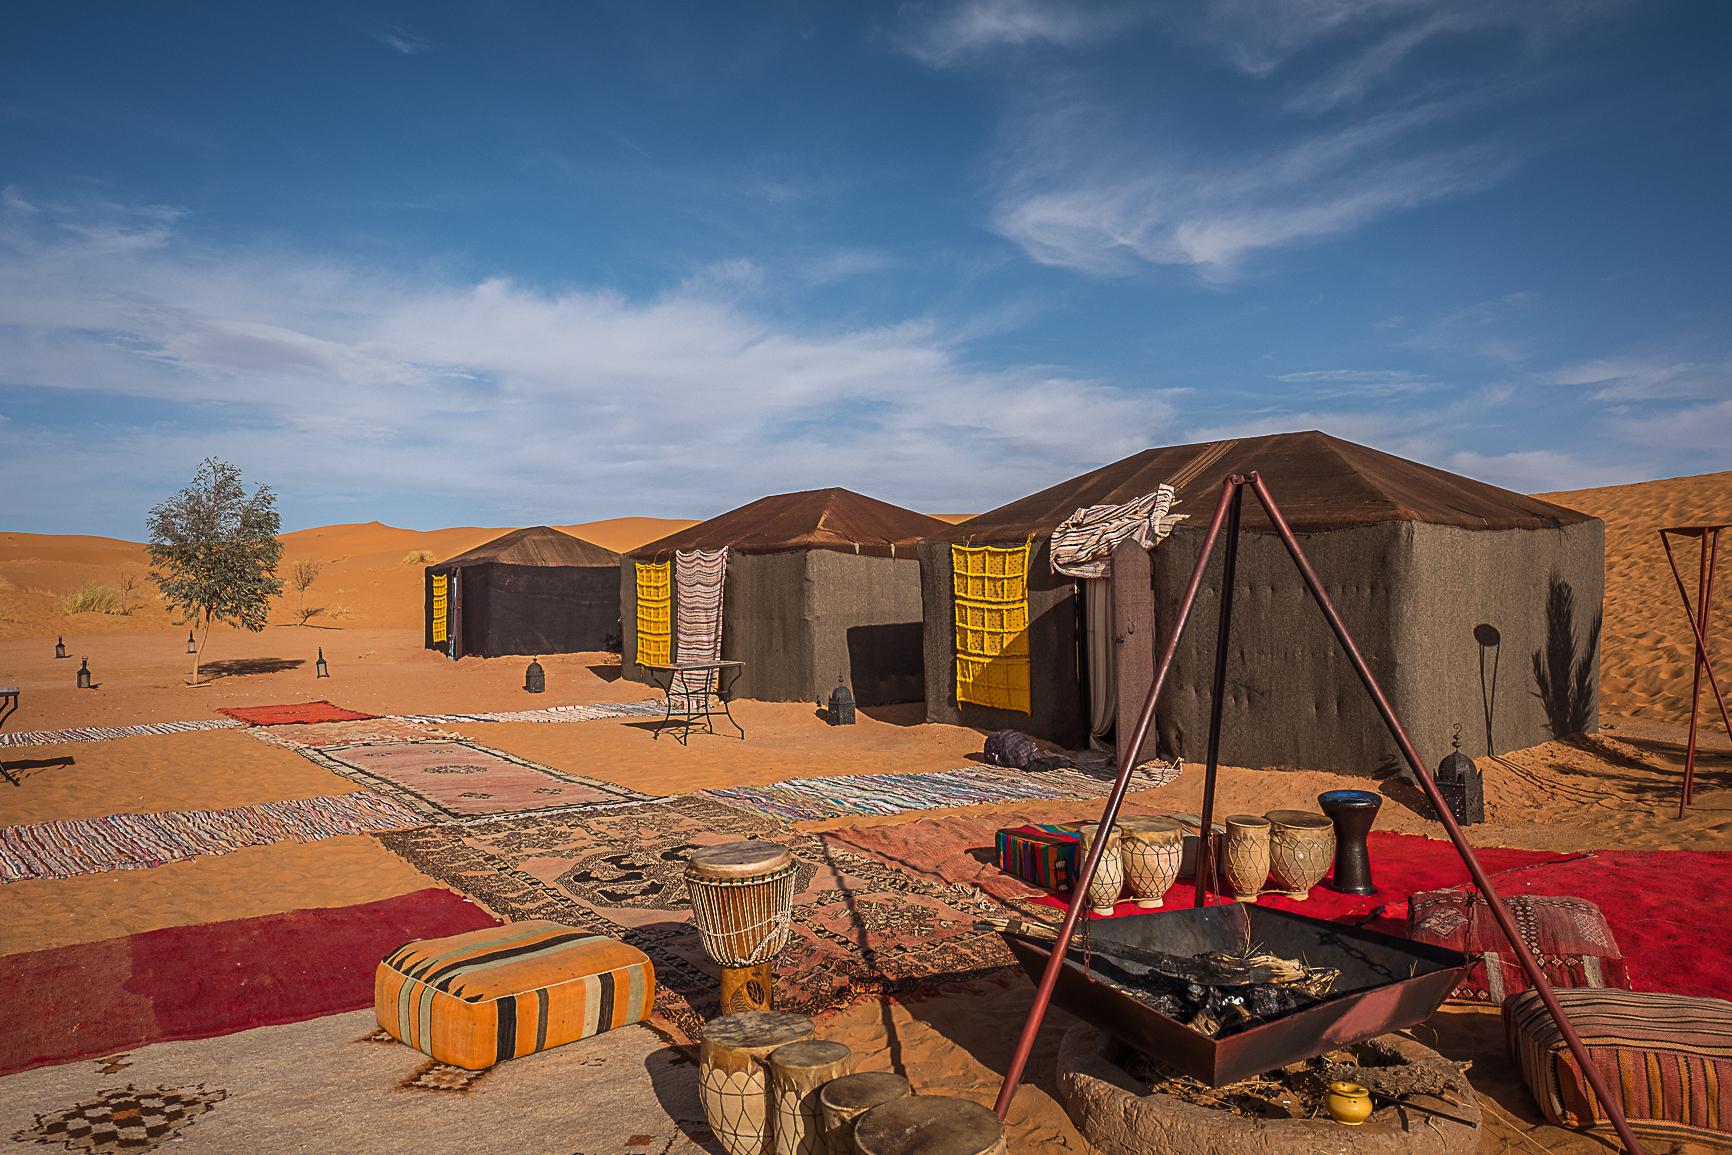 Erg Chebbi Marruecos desierto sahara